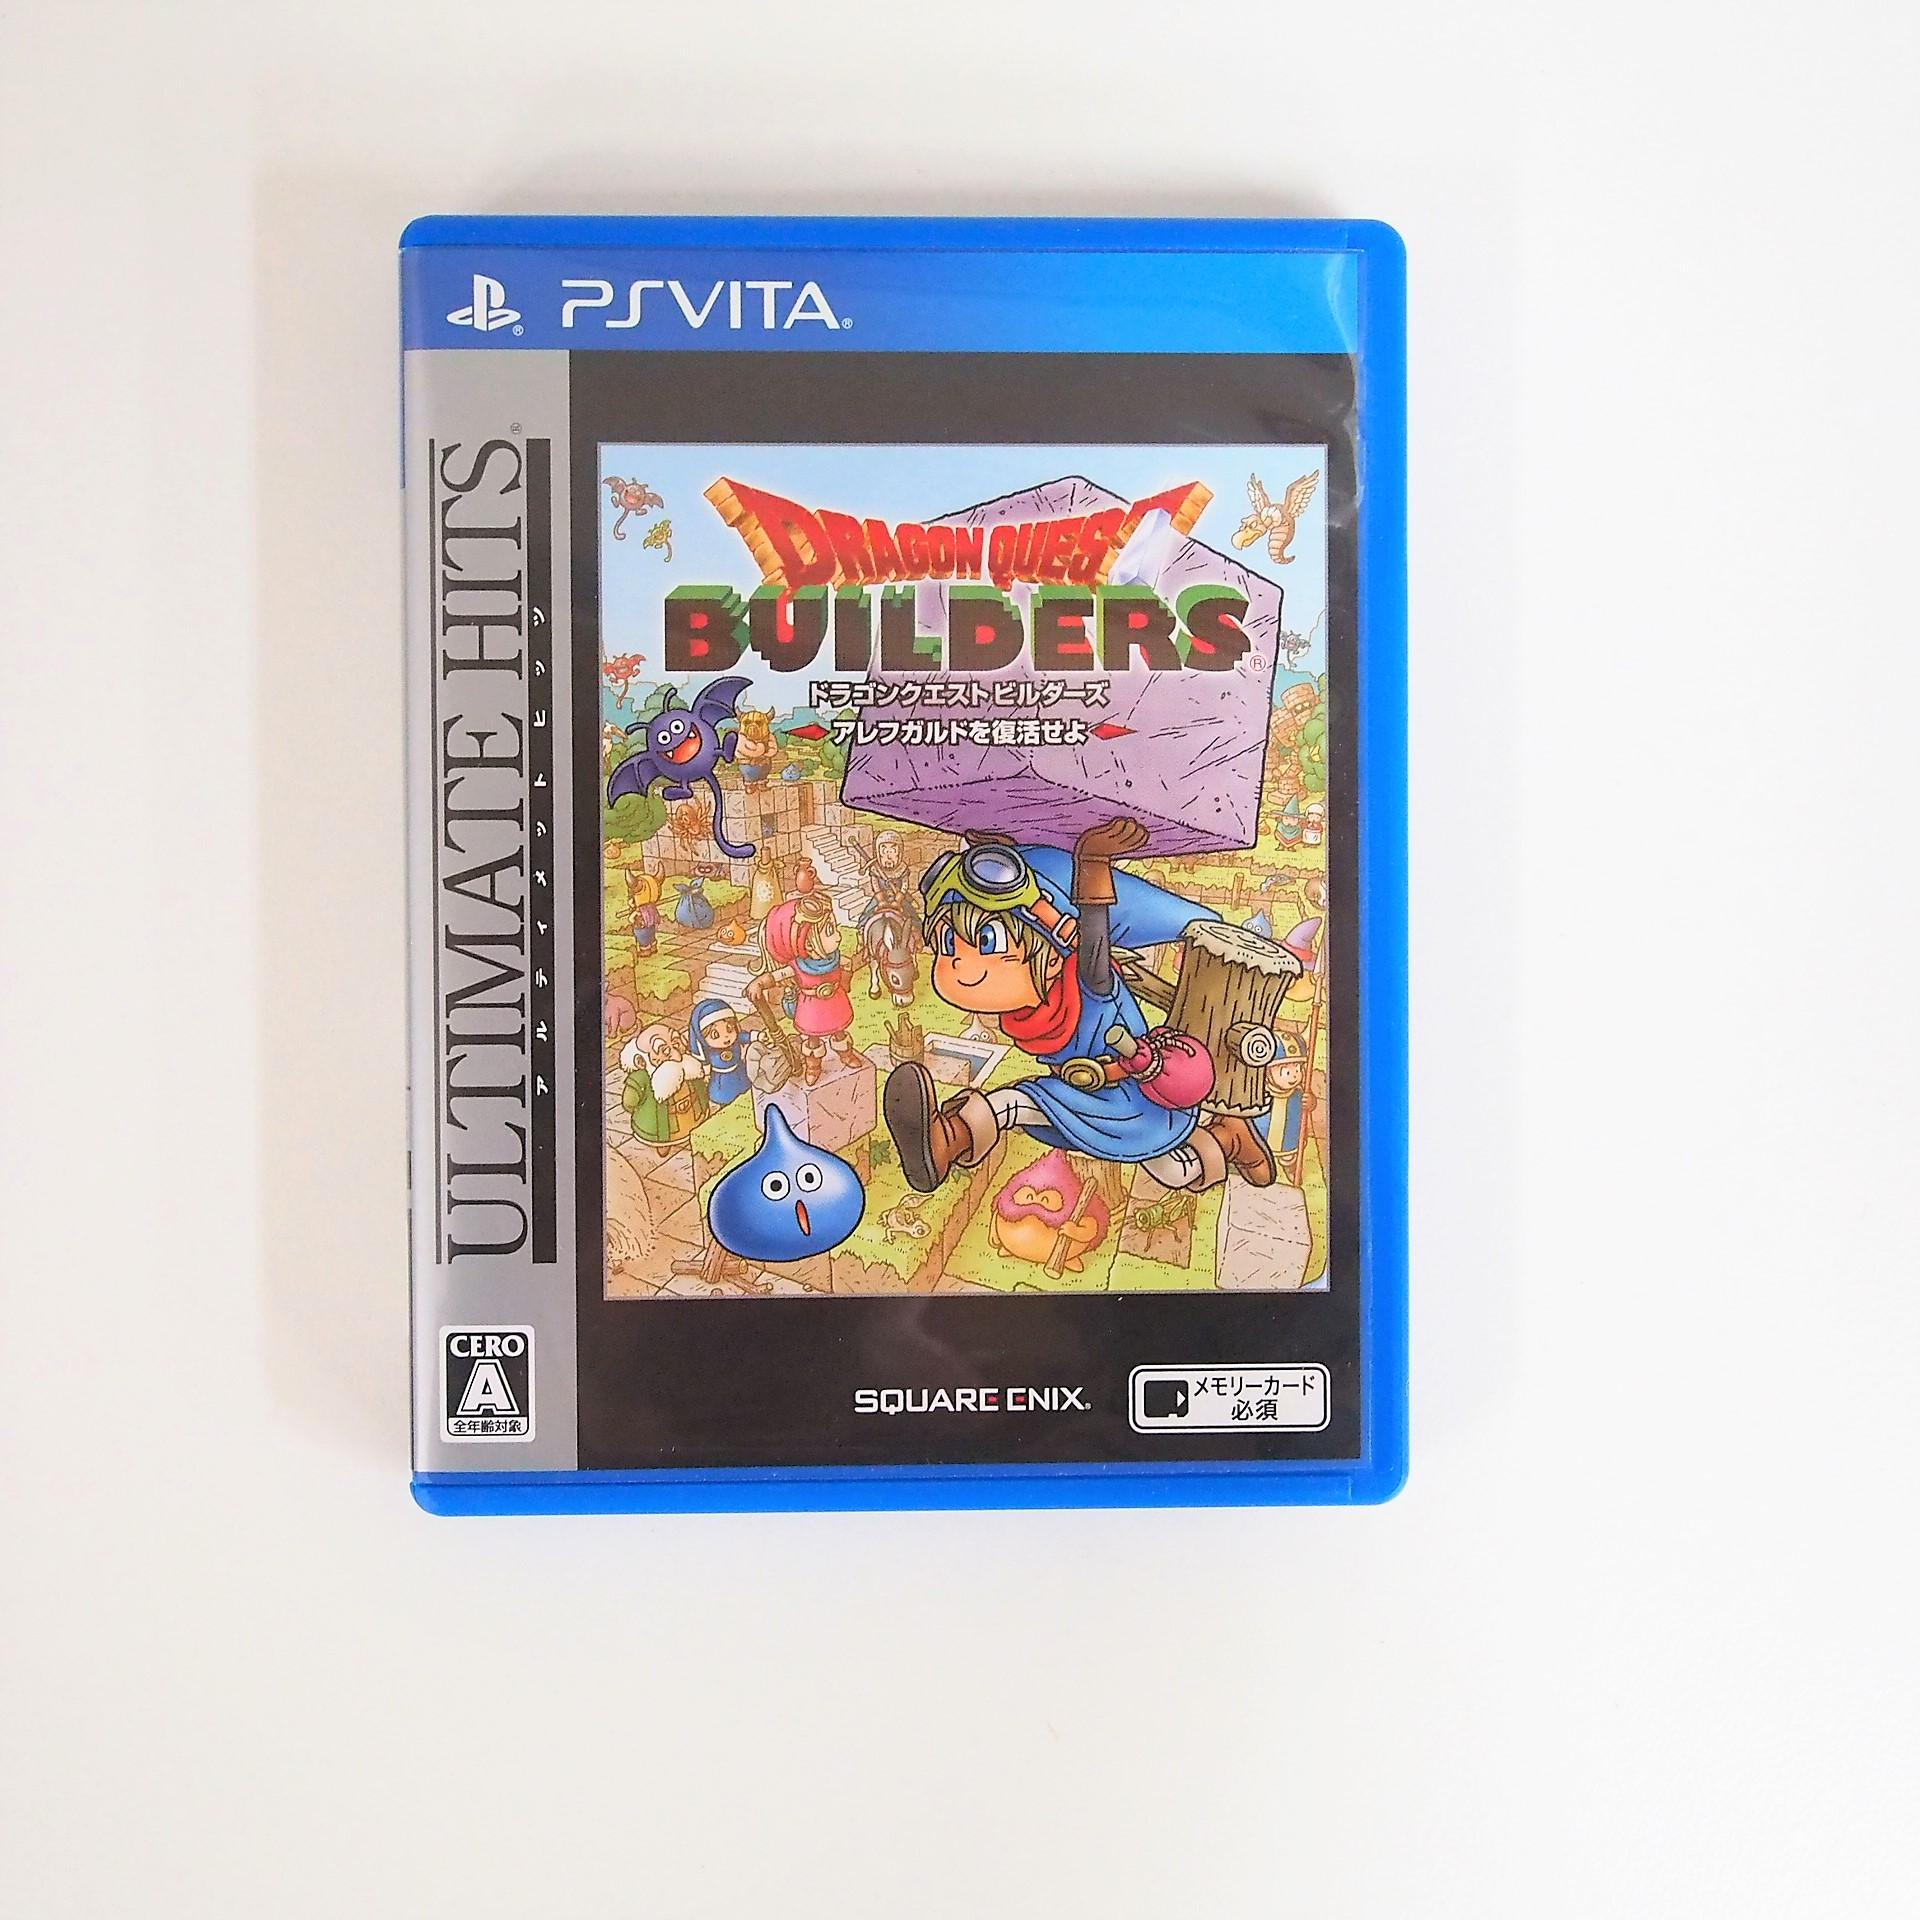 PS Vitaアルティメット ヒッツ ドラゴンクエストビルダーズ アレフガルドを復活せよ